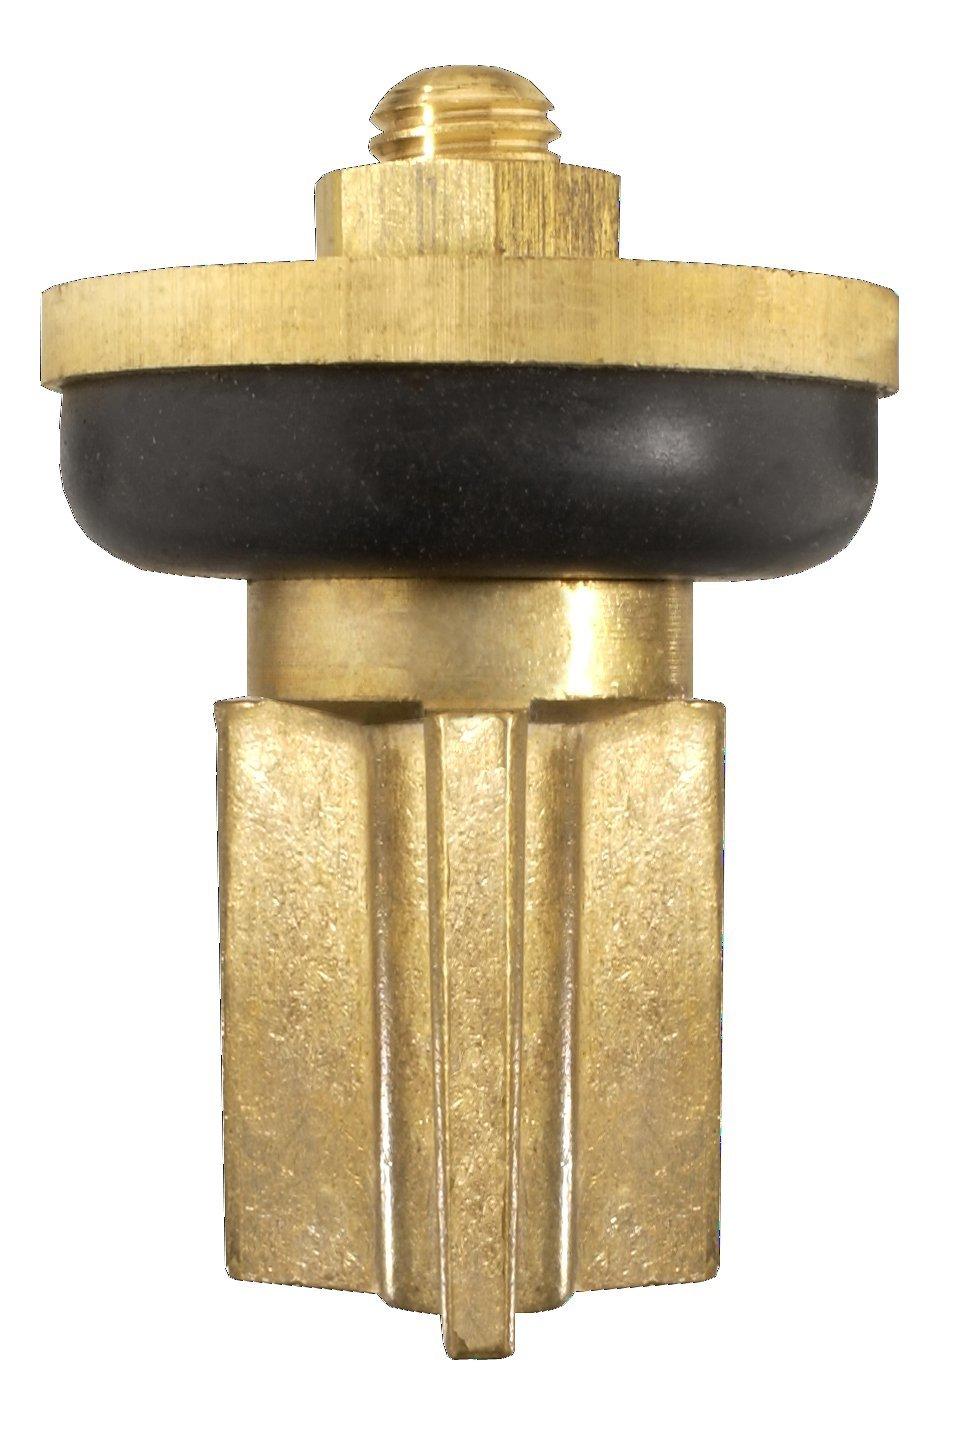 Connex PZB12015 Pistone stantuffo per pompa a mano con tappo